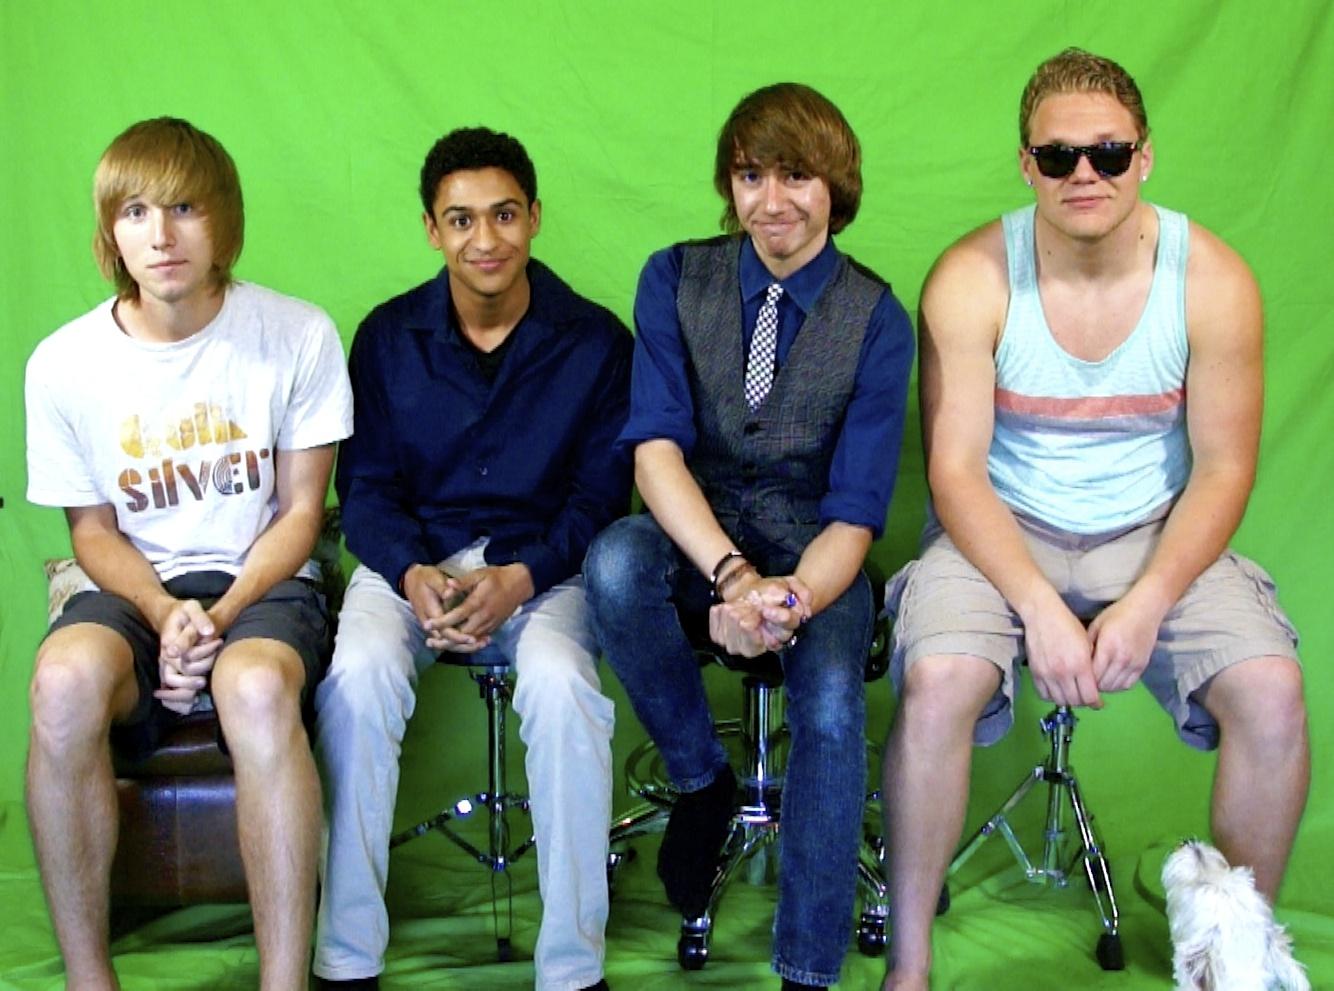 The Four Guys.jpg